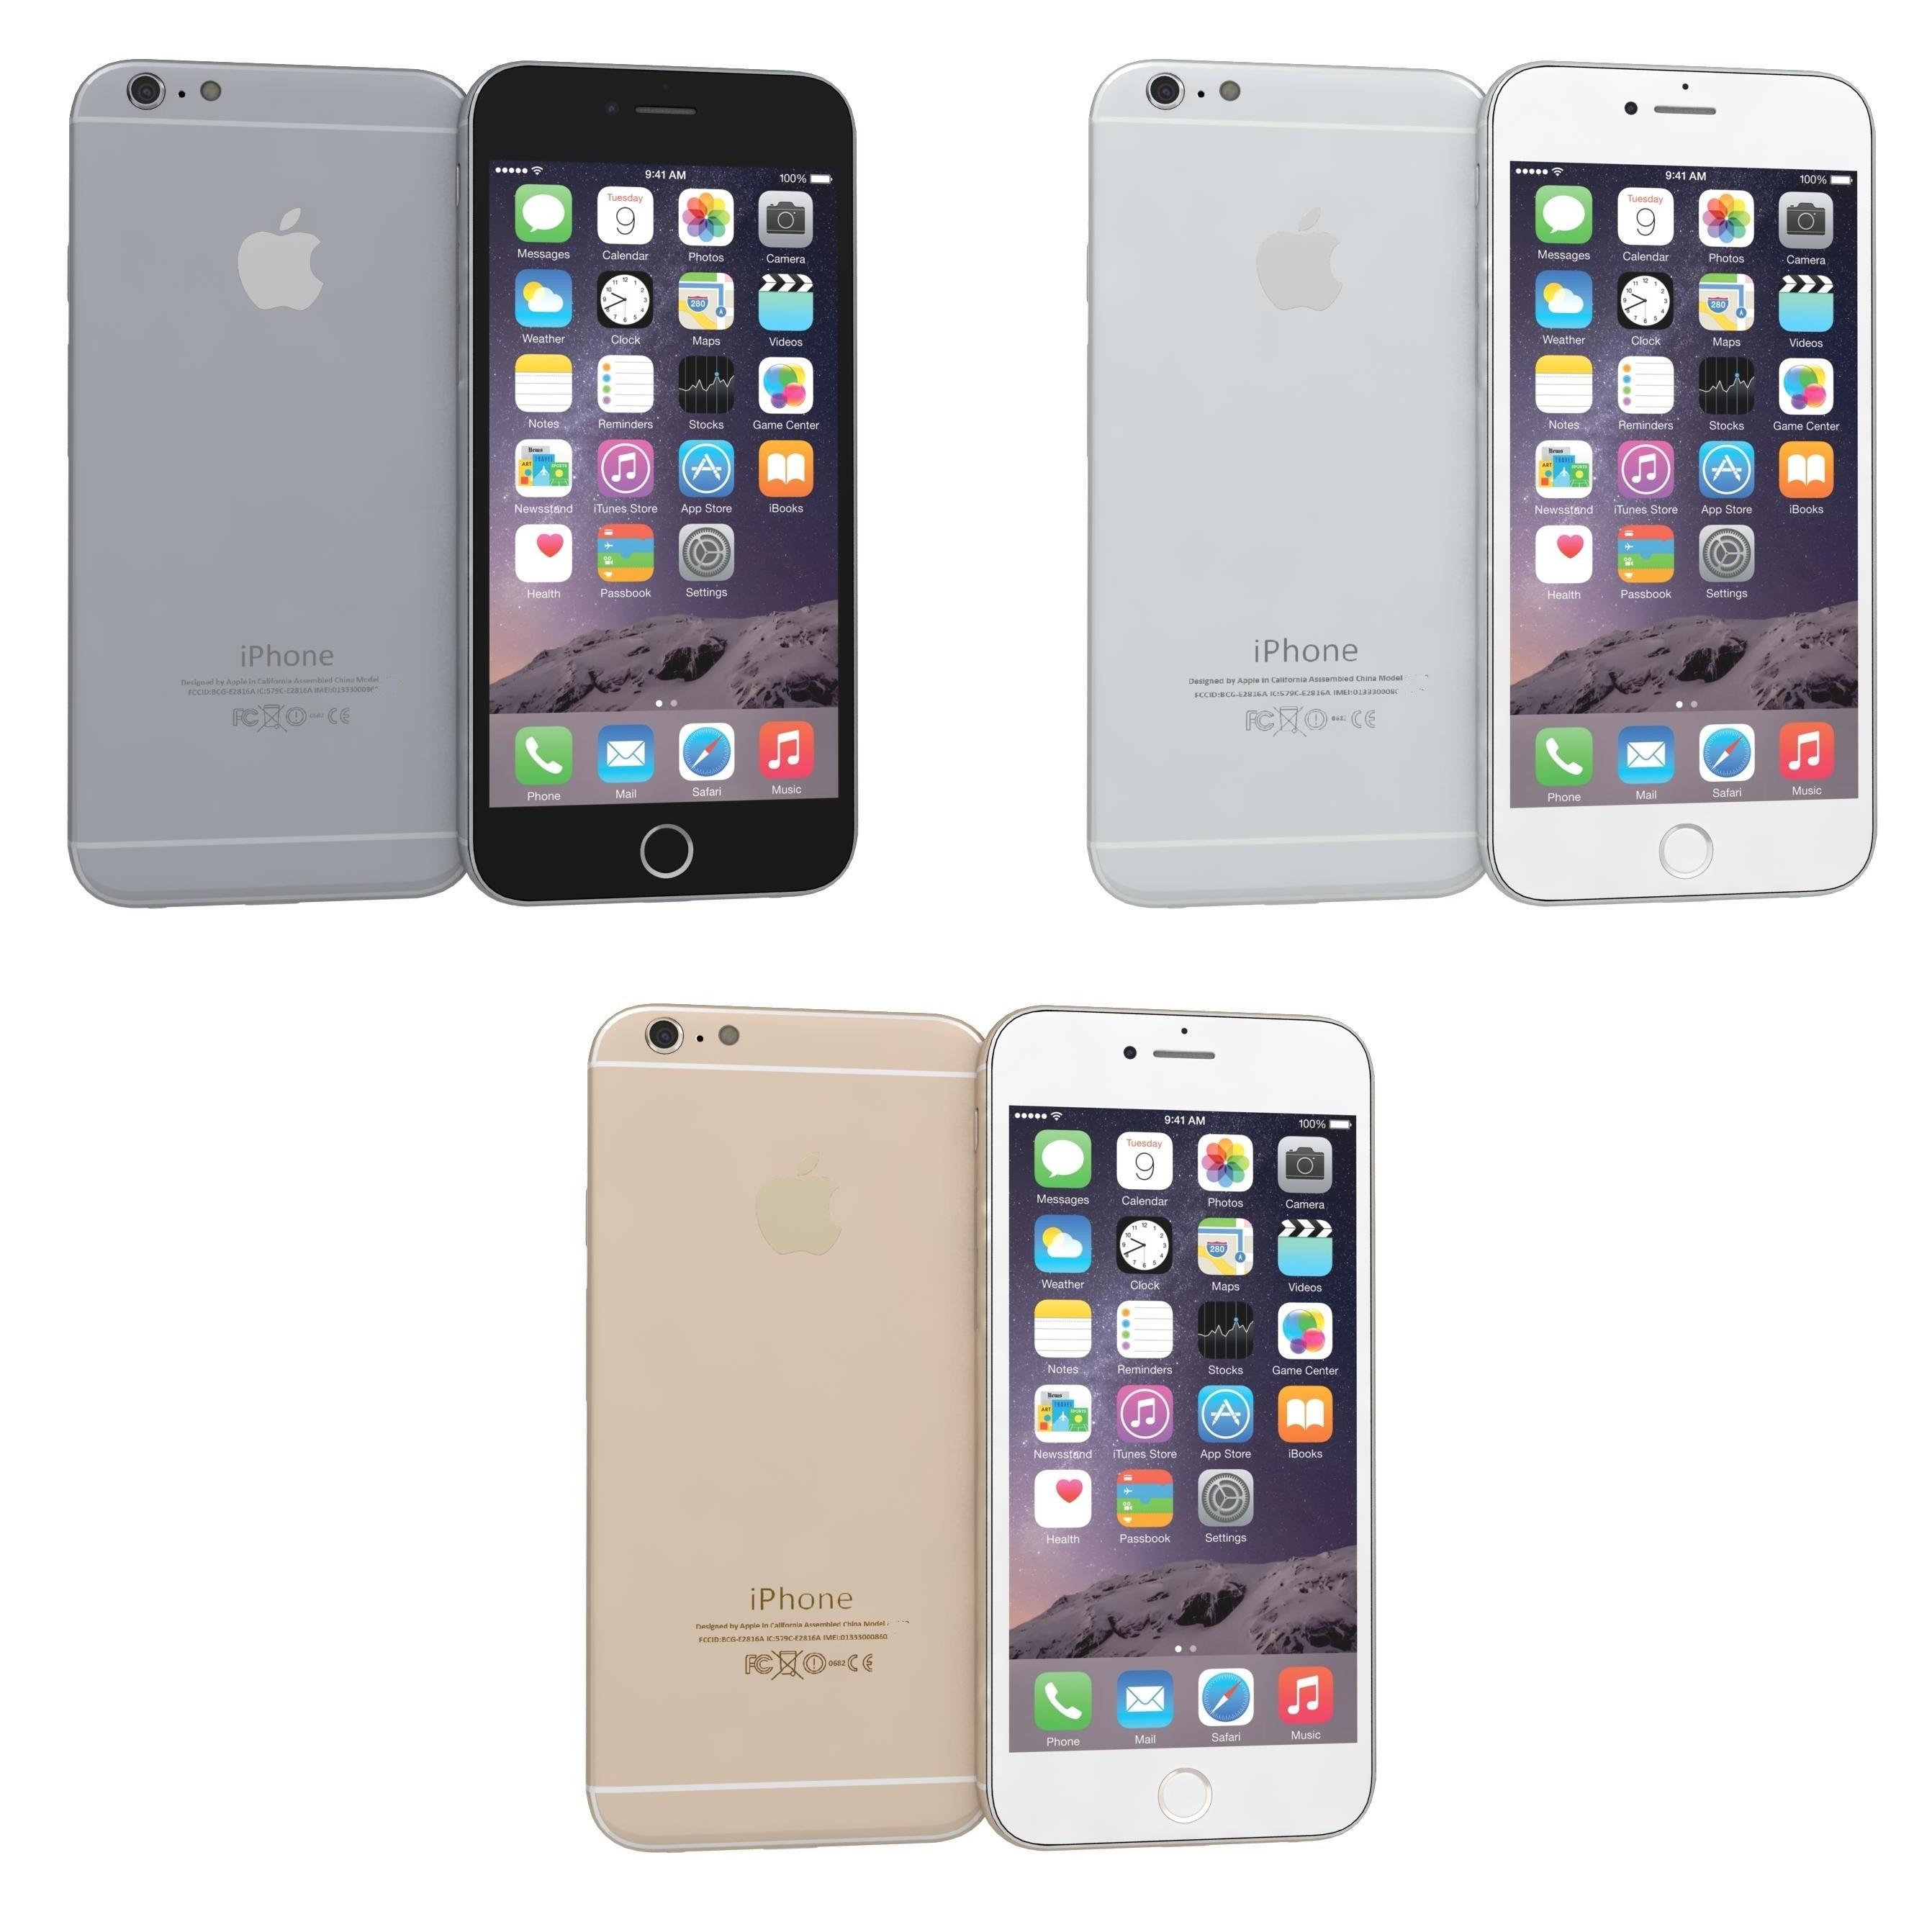 Info Harga Apple Certified Refurbished Iphone 5s 16gb Gsm Alba Atcs30 Jam Tangan Wanita Brown Silver Gold 6 Unlocked Black Or Tanga Freigegeben Zum